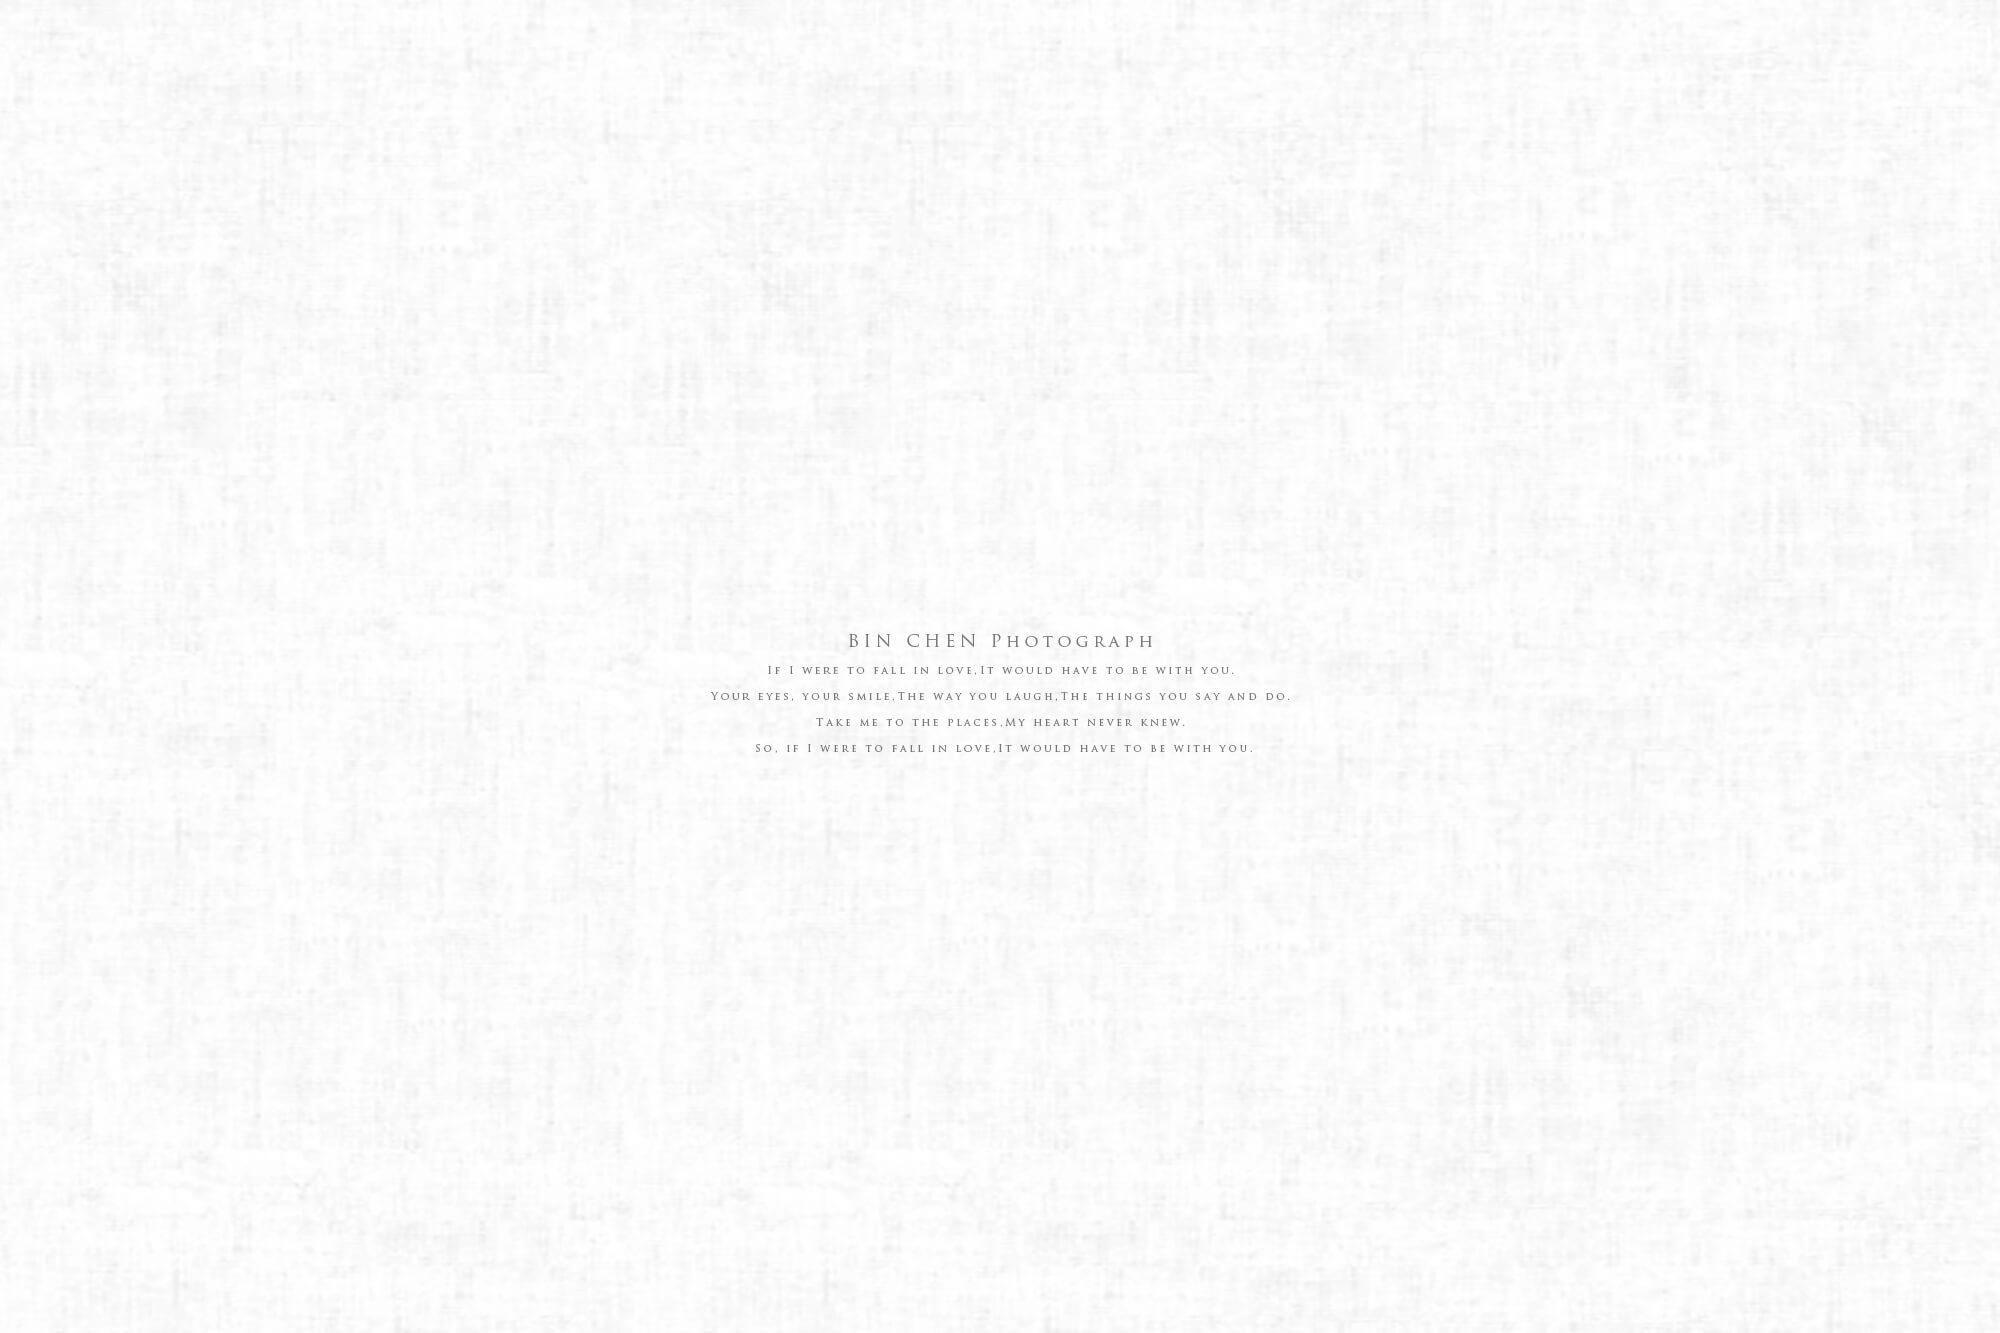 [孕婦寫真] NaNACo&Boss 孕婦攝影@Motion Taipei 攝影師:陳嘉彬(婚攝加冰) Location: Motion Taipei 婚攝/婚禮紀錄/自助婚紗/海外婚禮婚紗/孕婦 攝影 Thank you NaNaCo and Boss We wish you a wonderful journey as you build you new life together. Copyright 2016@BIN CHEN all rights reserved